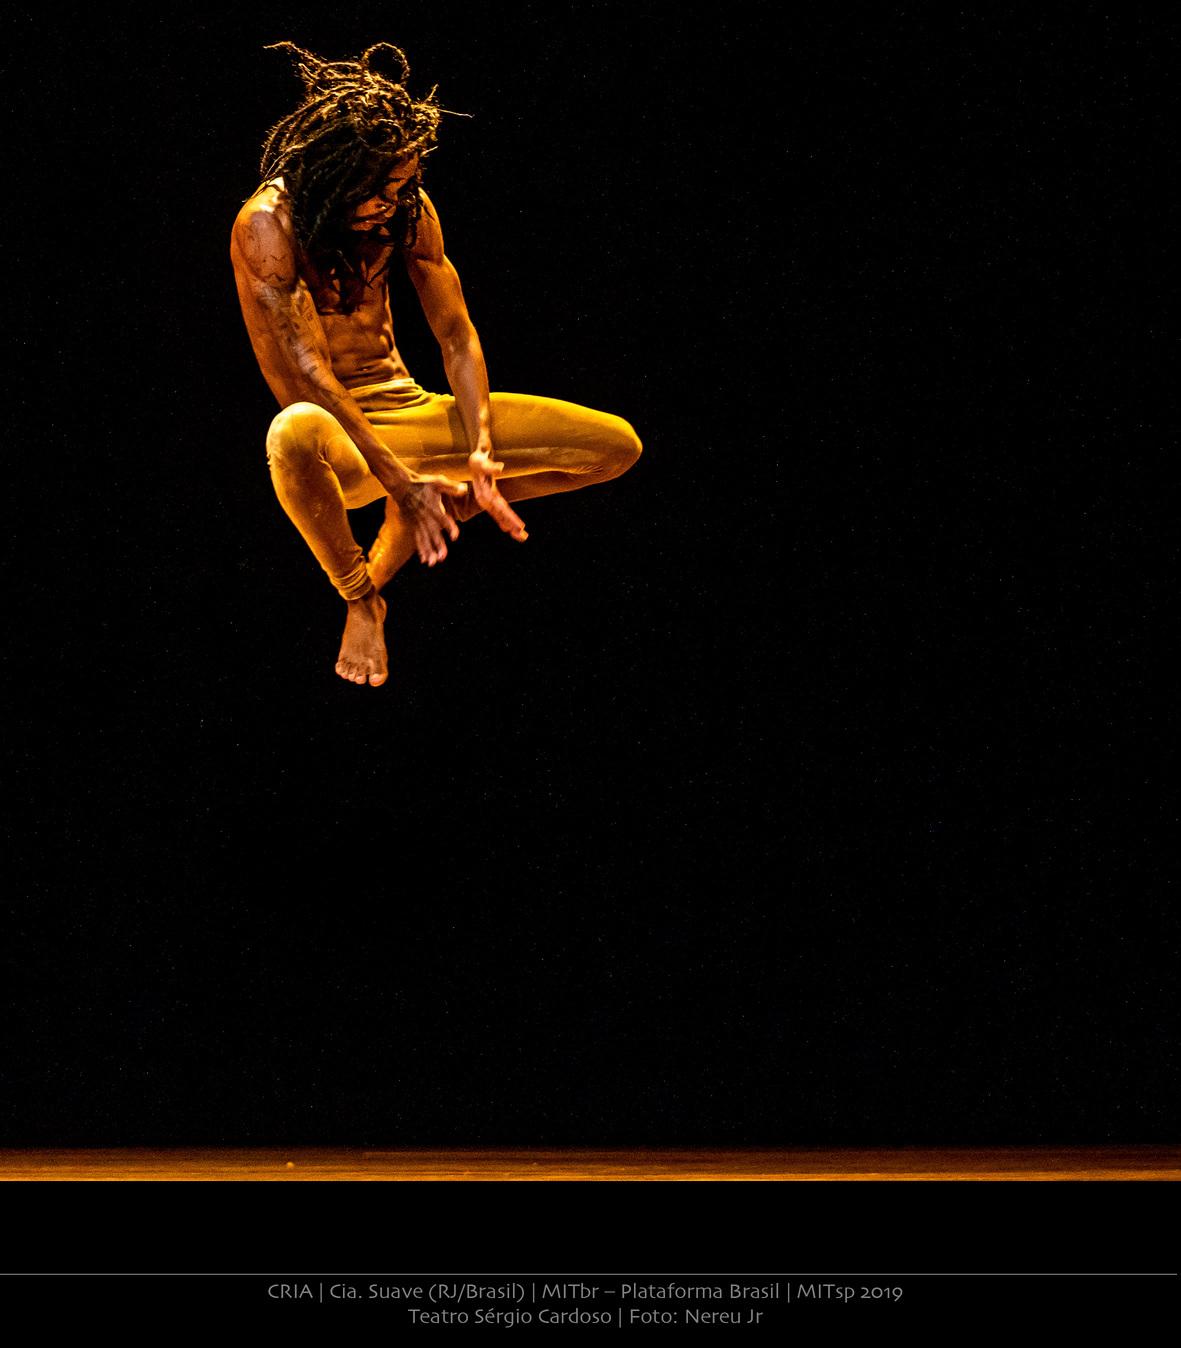 Cria Nereu Jr Imagens